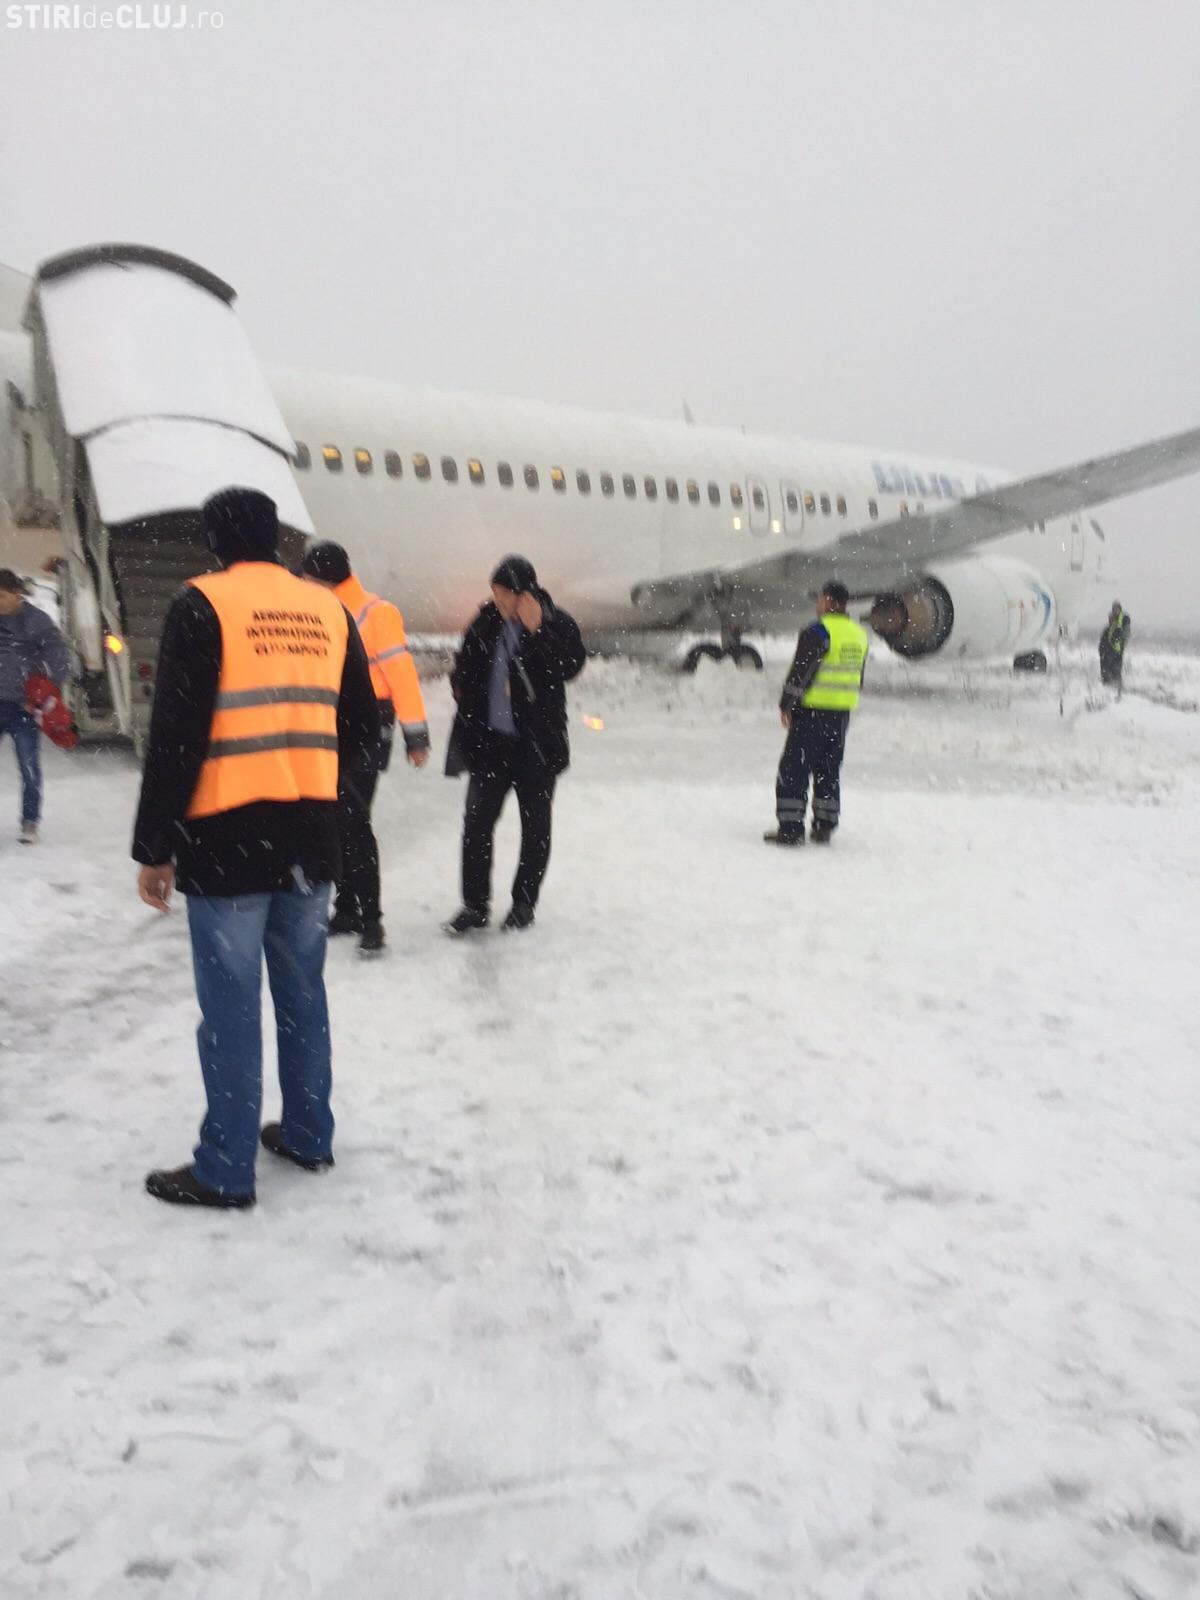 Anchetă finalizată în cazul avionului Blue Air, care a ratat aterizarea la Cluj - VIDEO